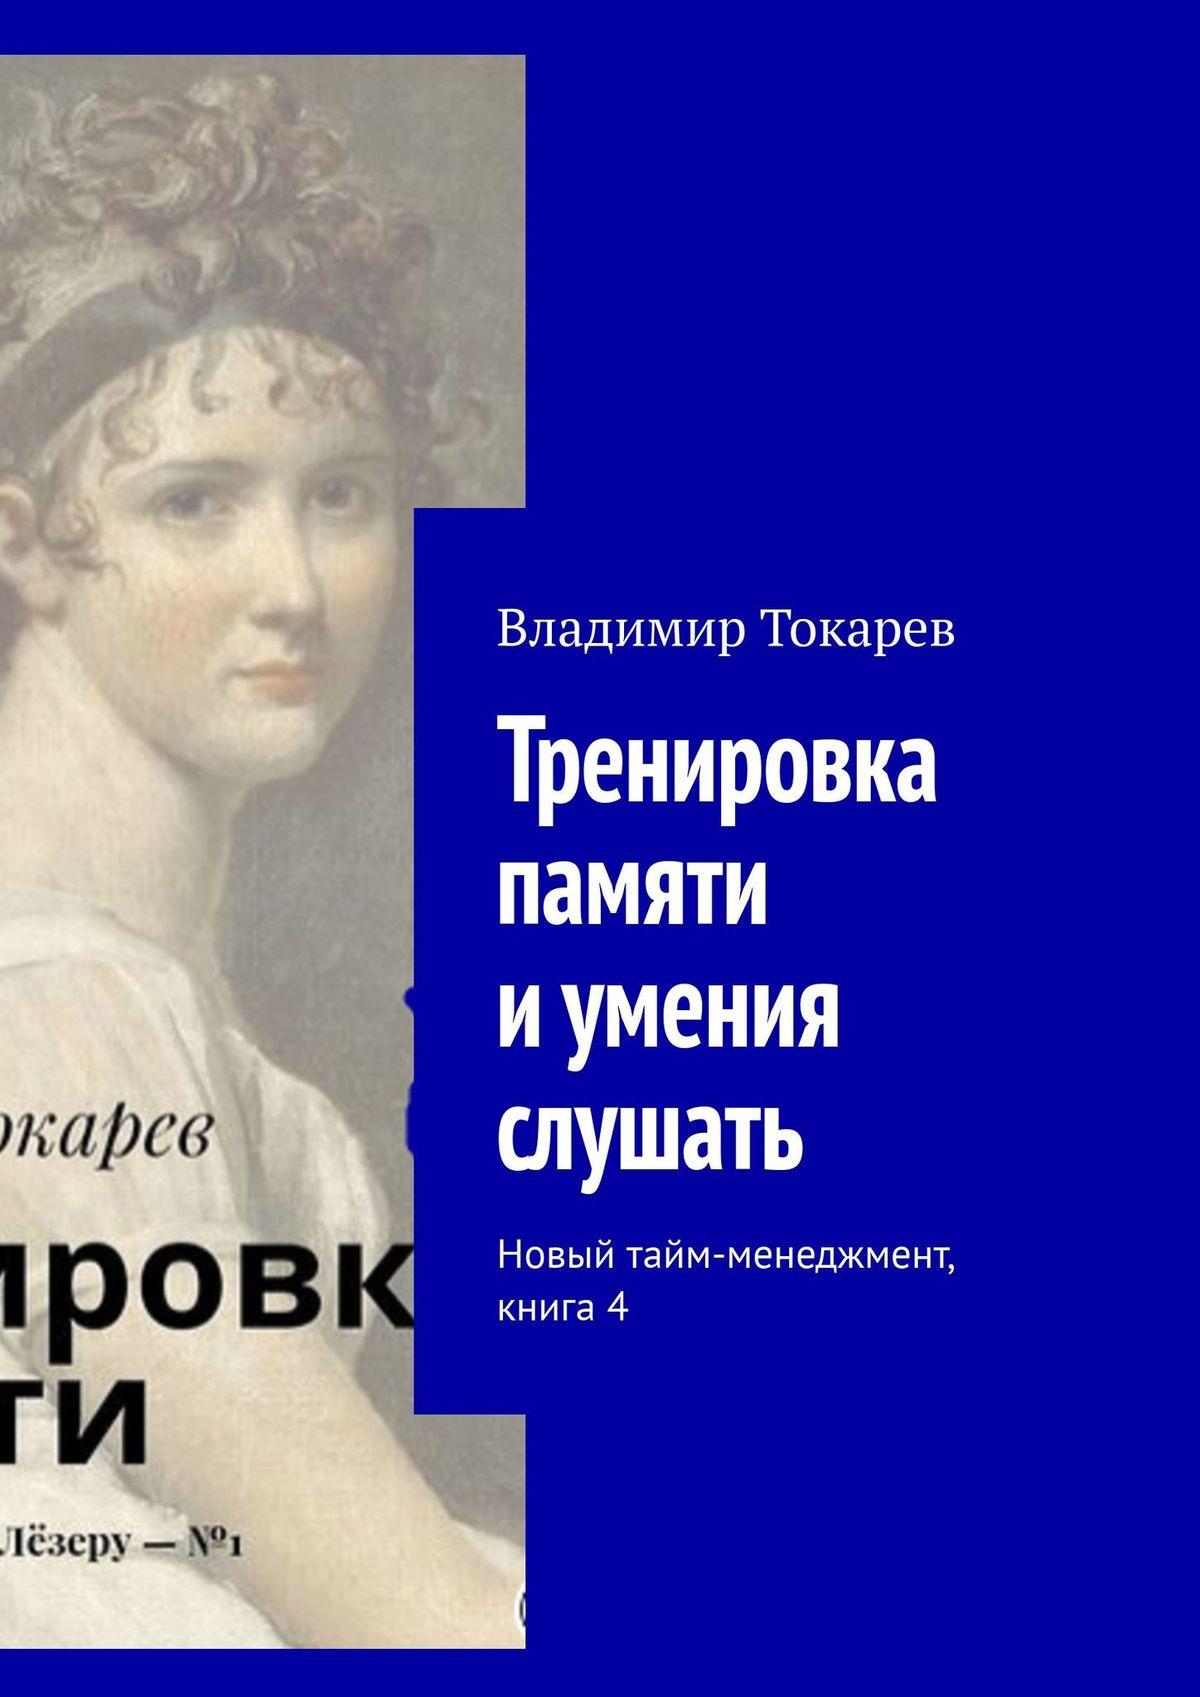 Владимир Токарев «Тренировка памяти иумения слушать. Новый тайм-менеджмент»